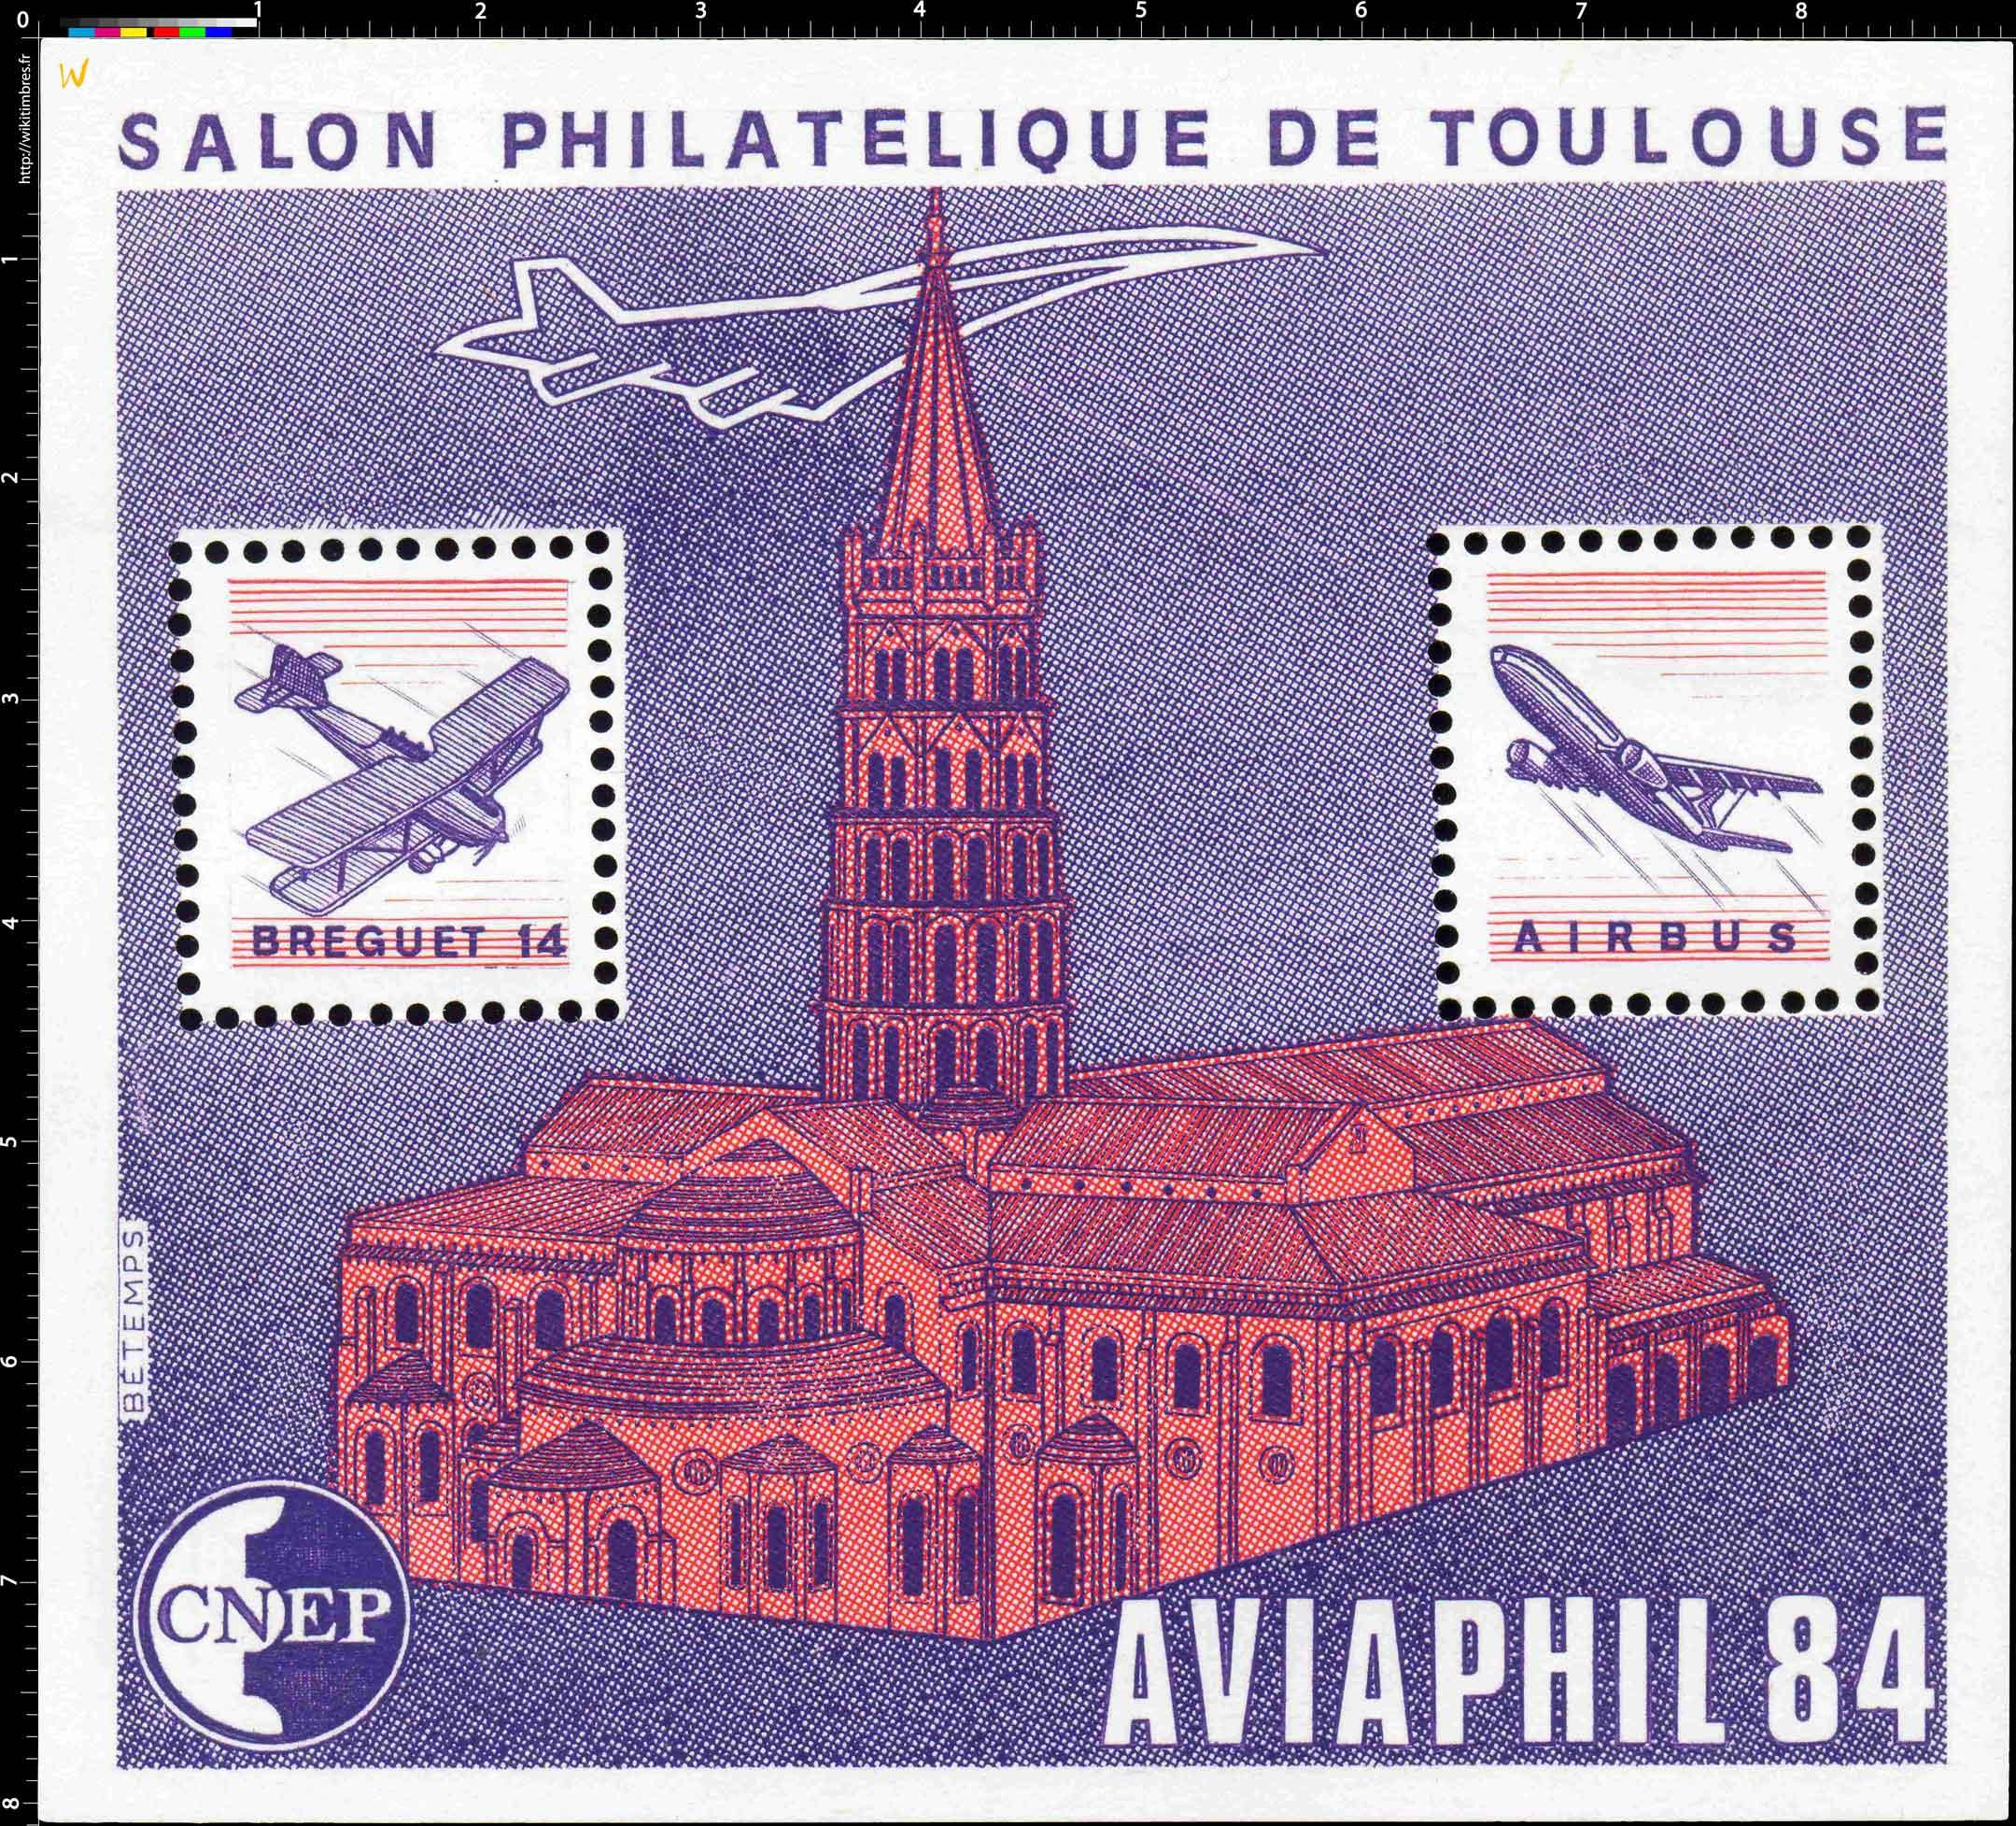 84 AVIAPHIL Salon philatélique de Toulouse CNEP